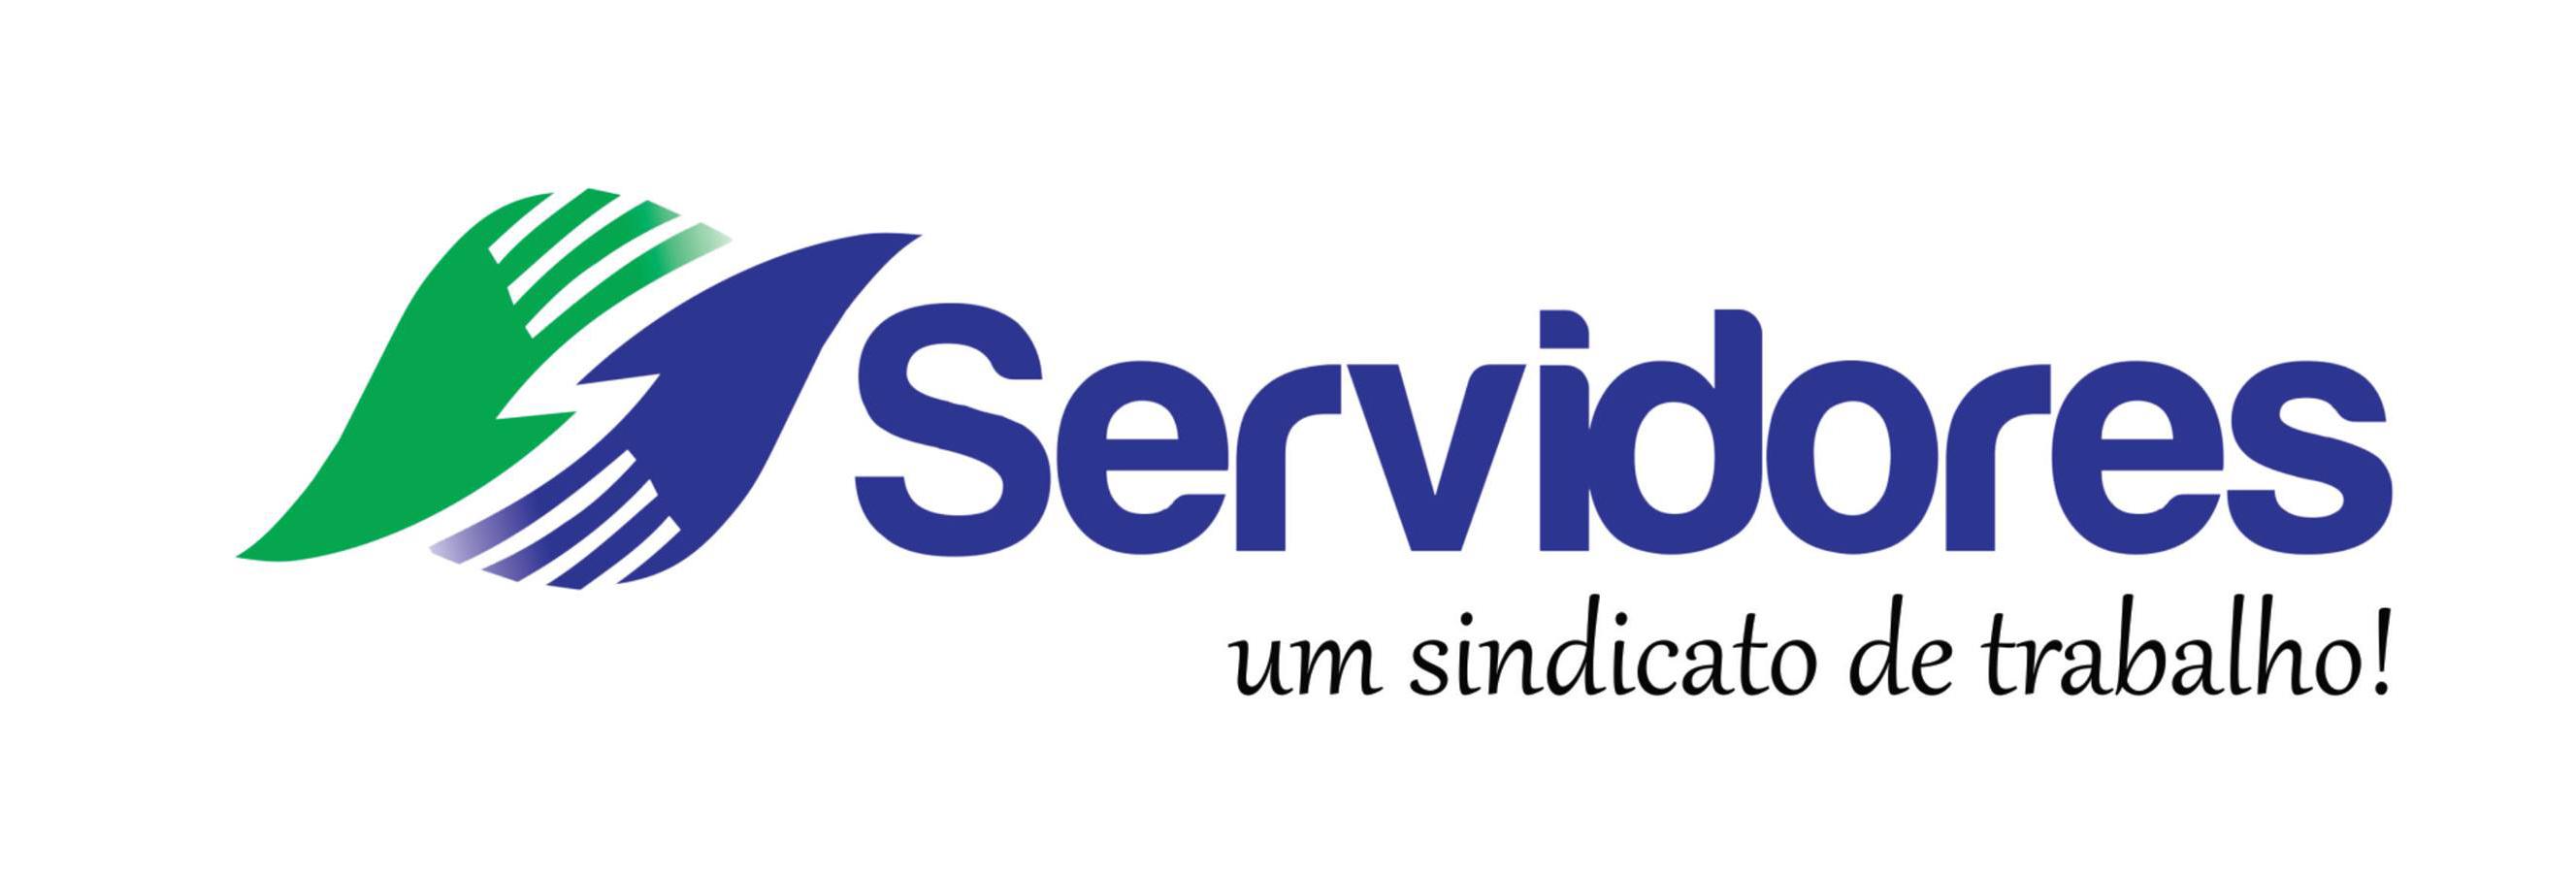 Sindicato dos Servidores 2